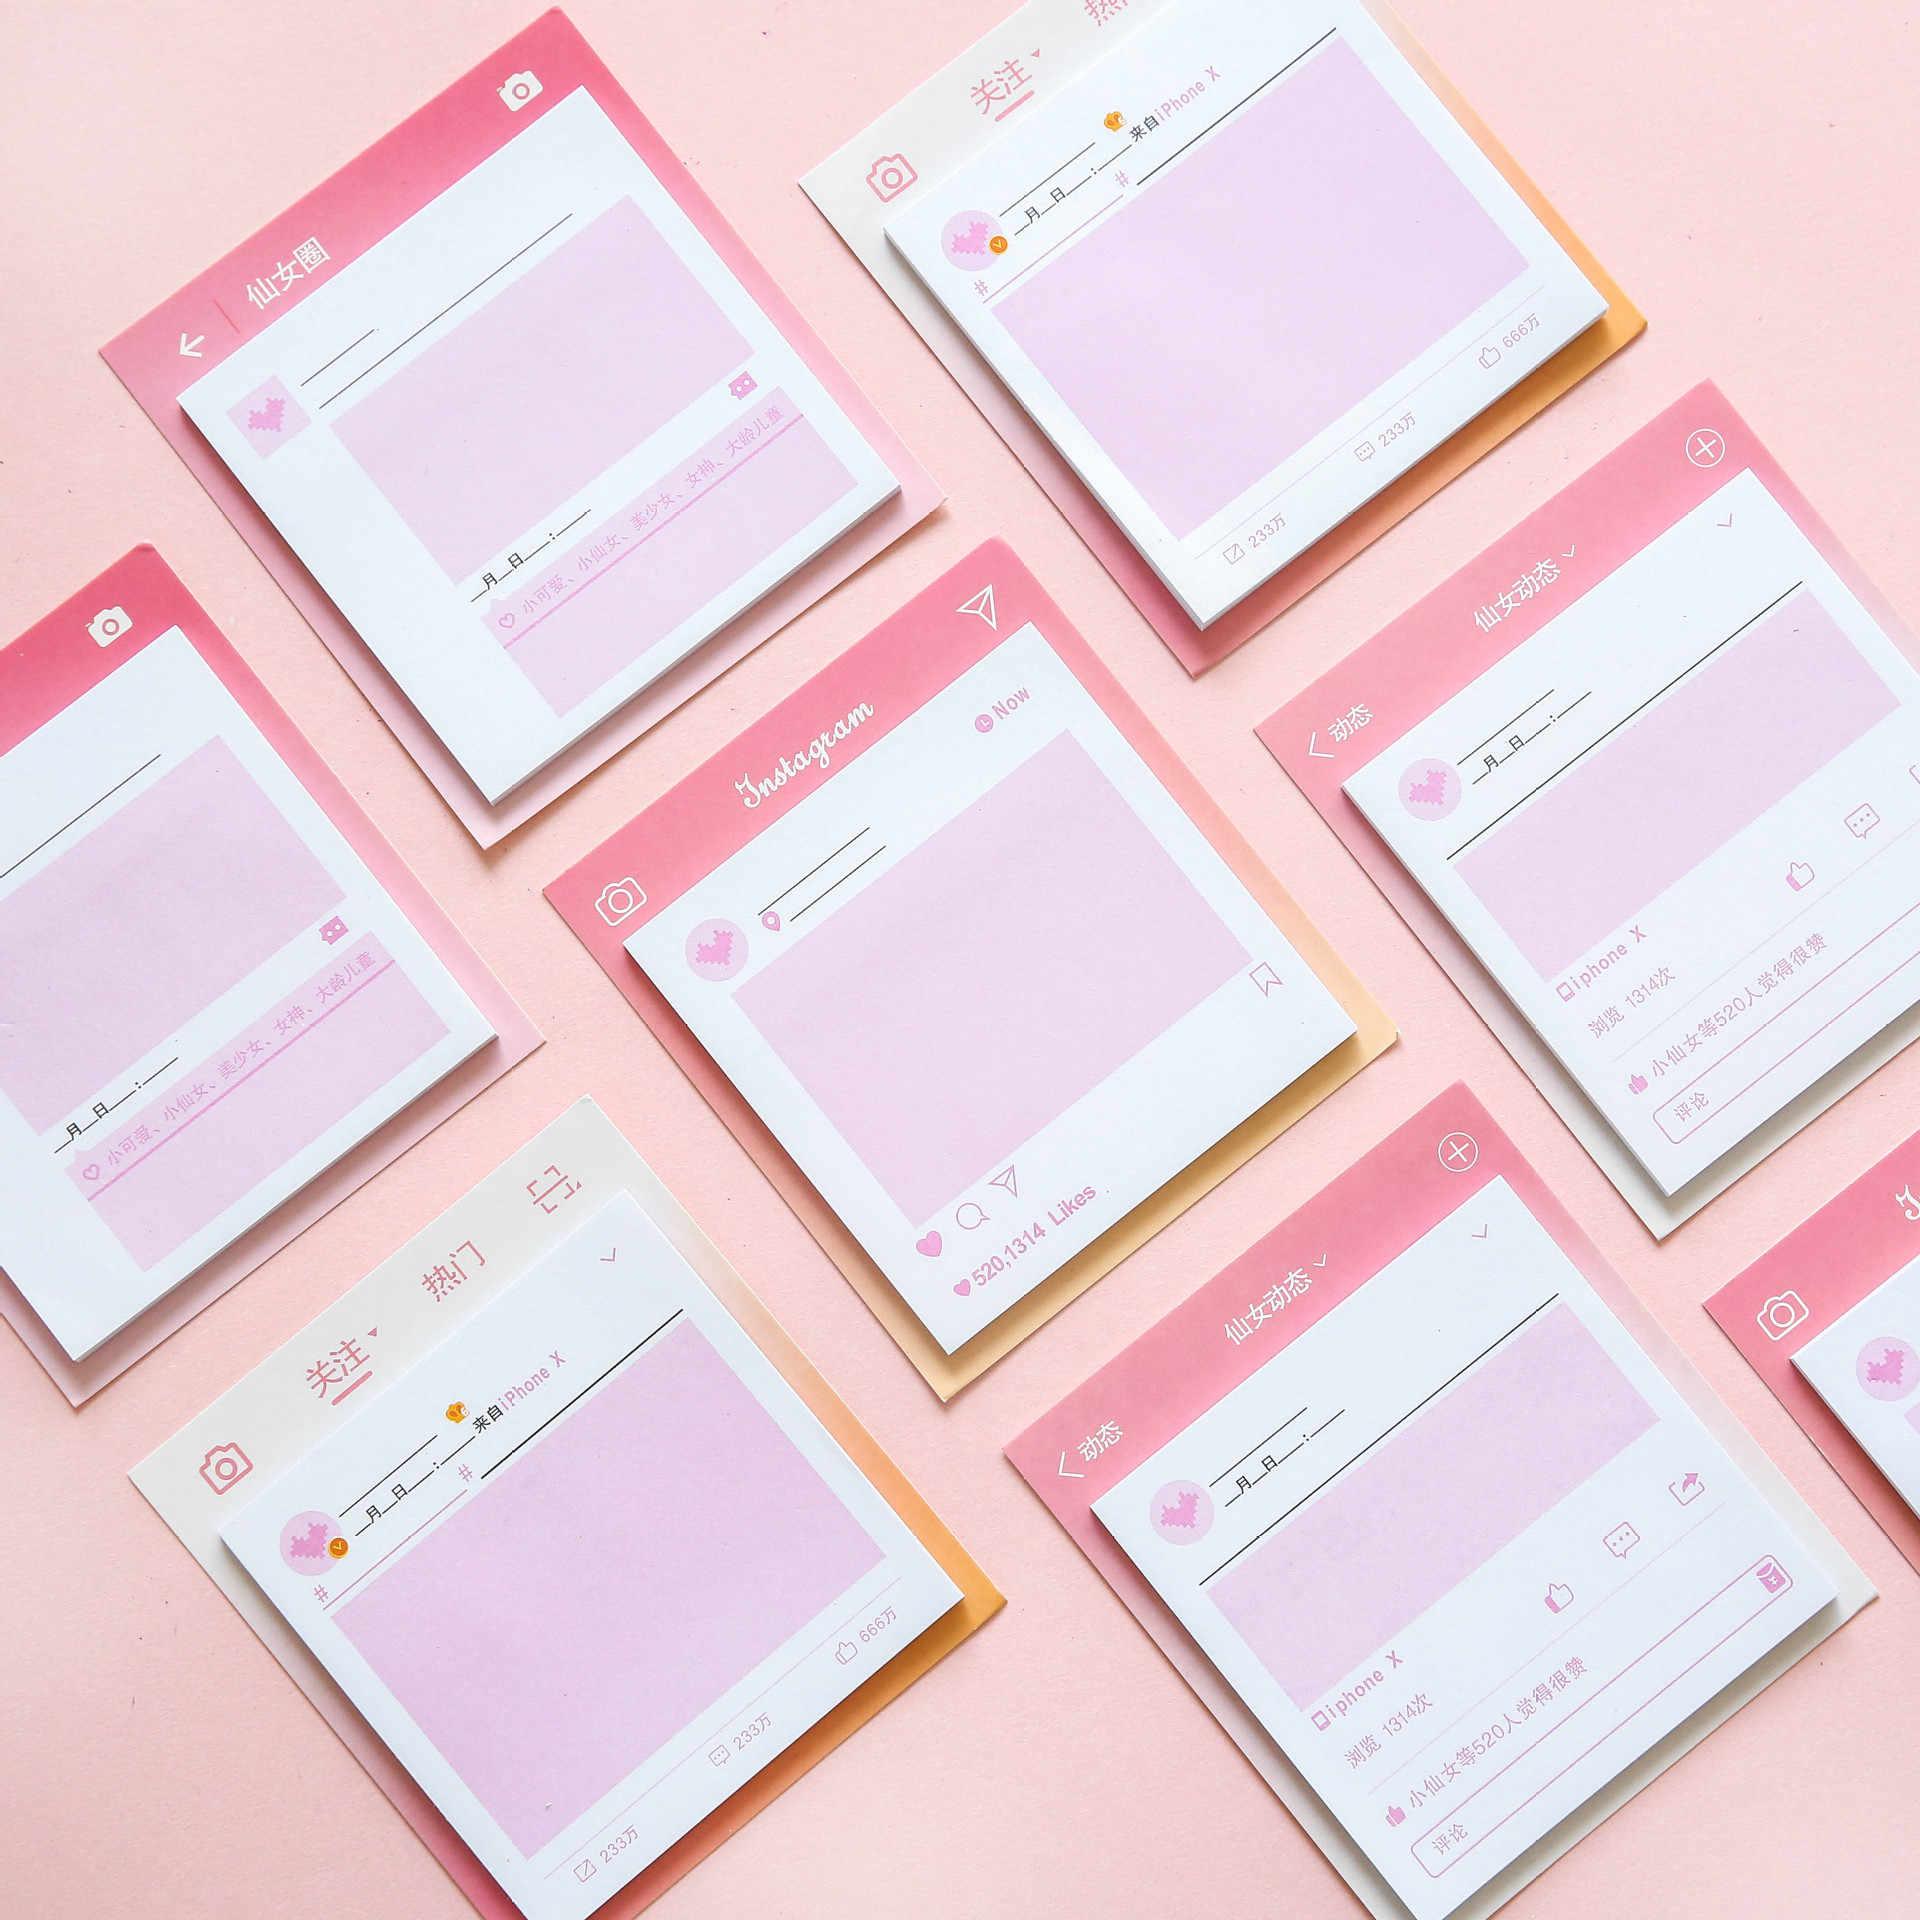 Nhật bản màu hồng cô gái xinh đẹp trong Harahufeng thuận tiện để dán cổ tích vòng tròn của bạn bè N lần có thể xé một tin nhắn lưu ý cuốn sách